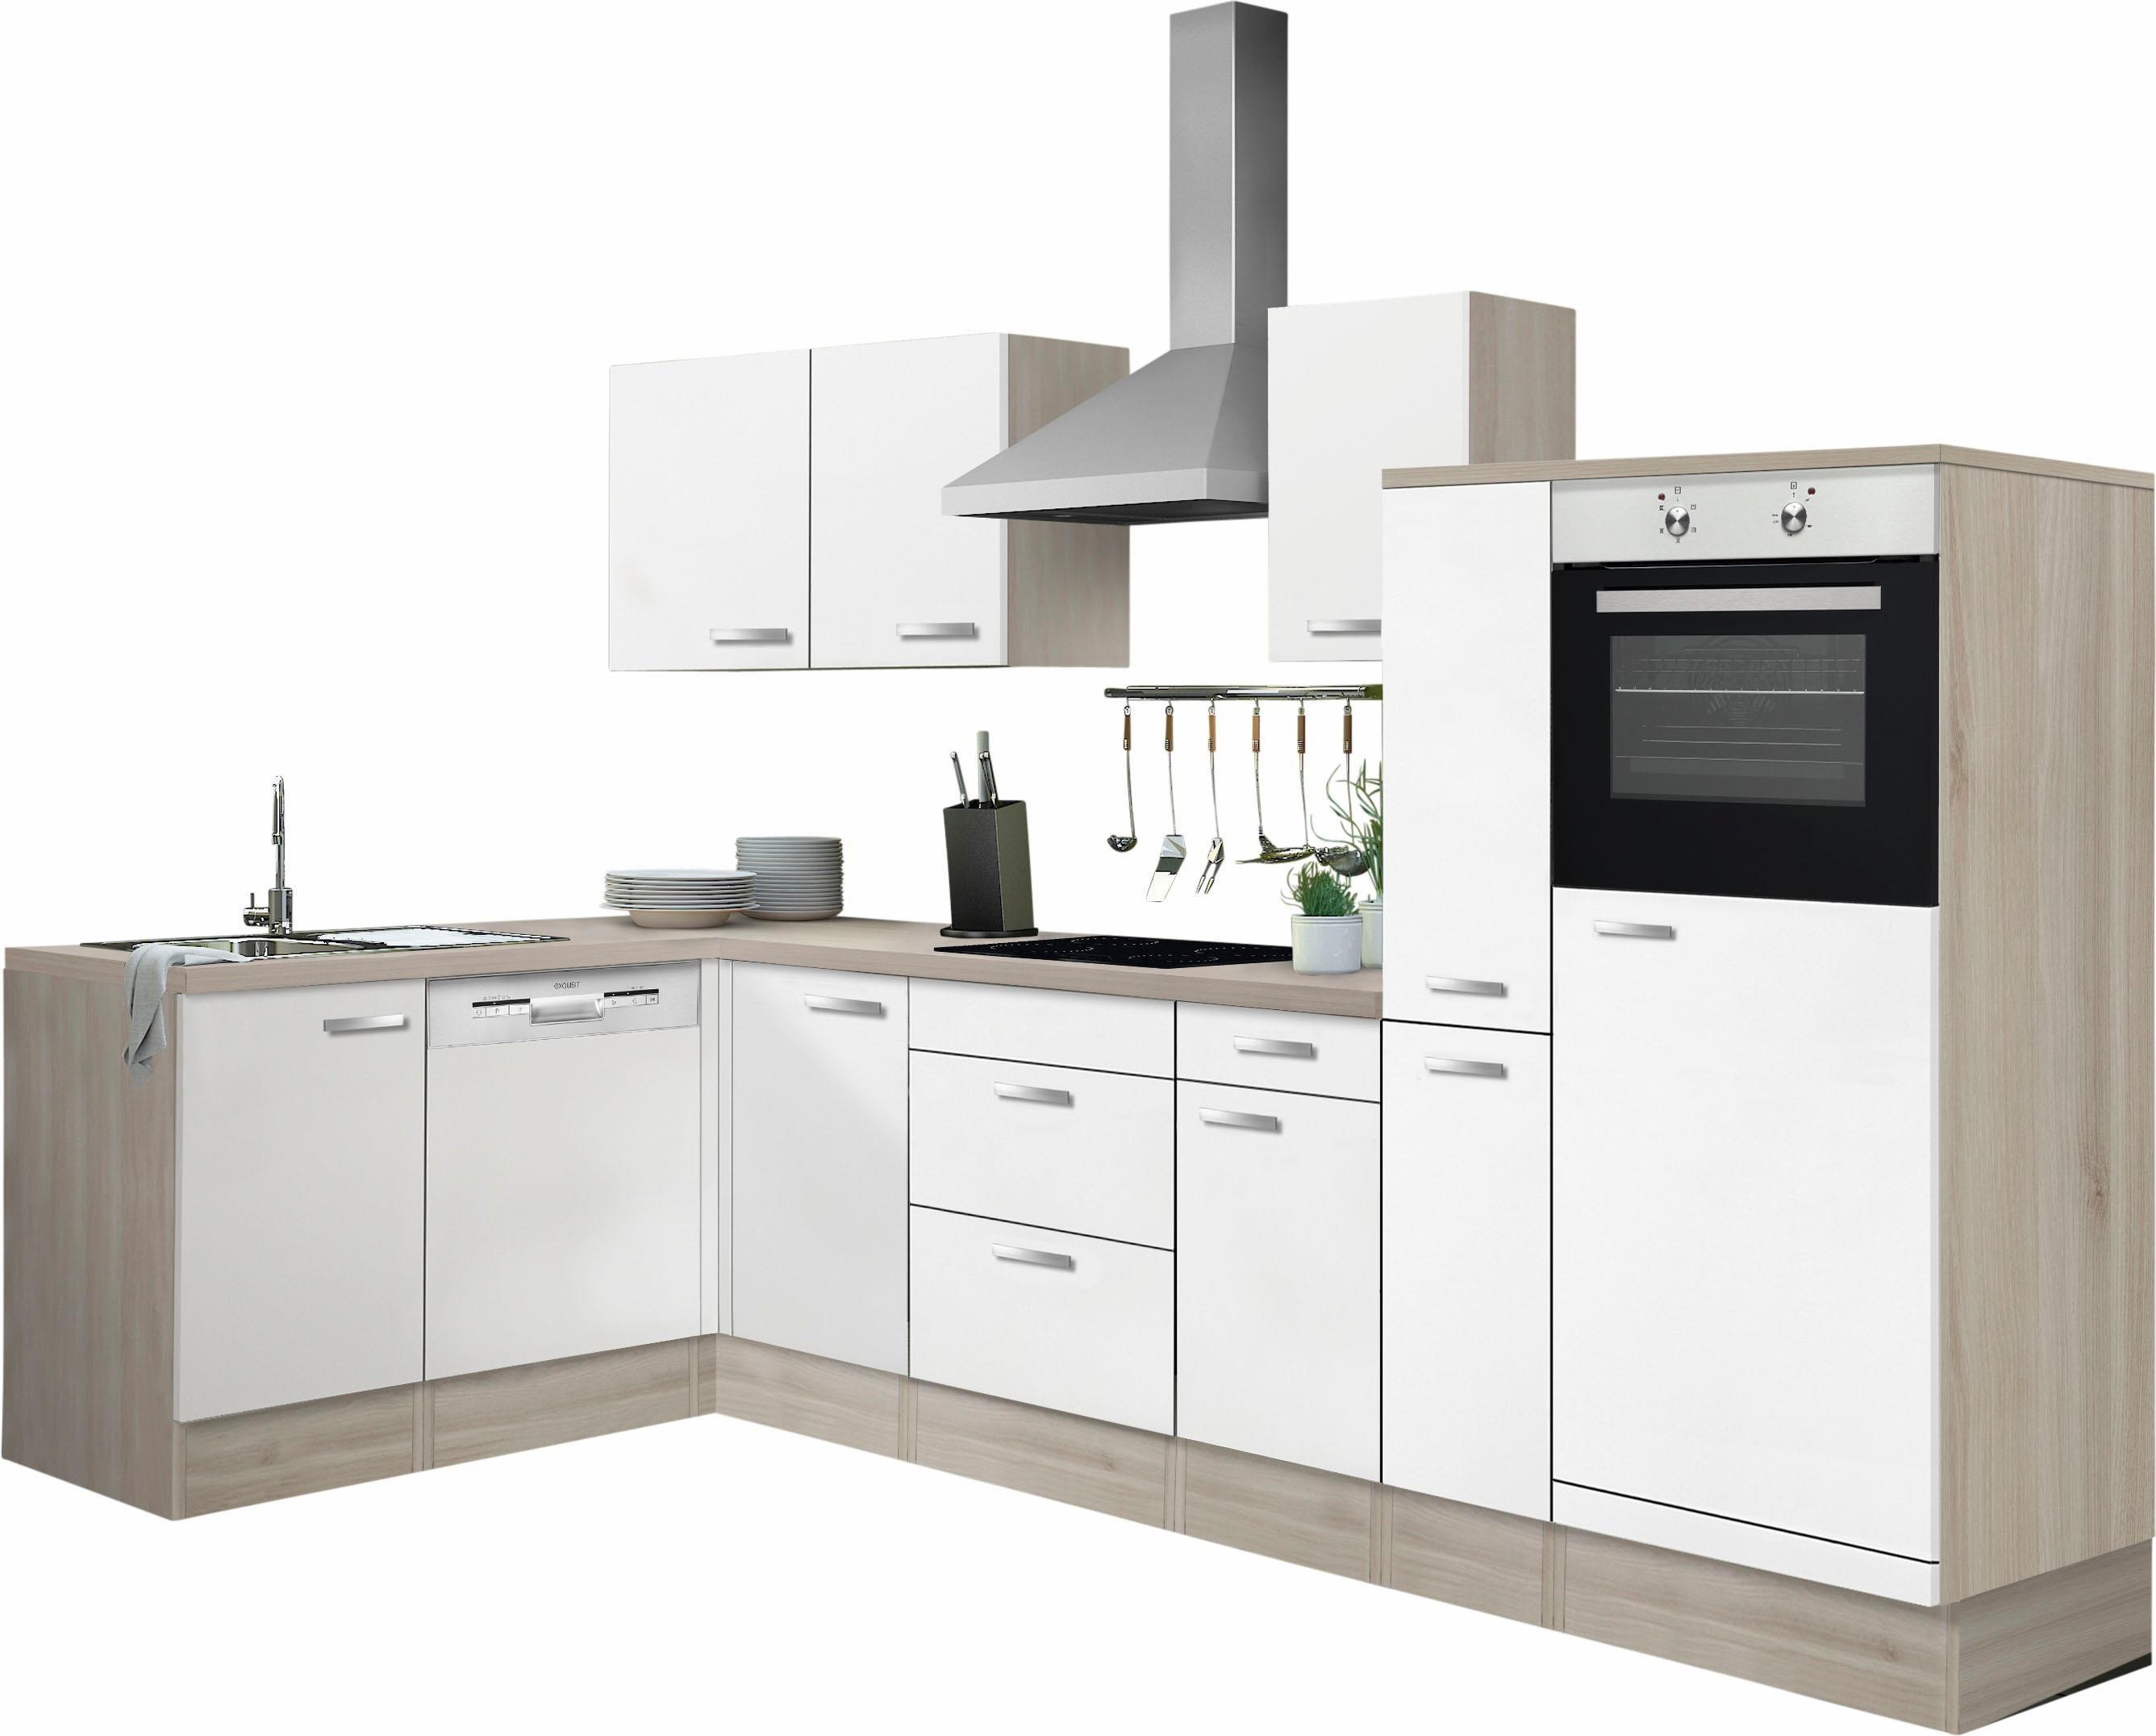 Optifit Winkelküche mit E-Geräten »Faro«, Stellbreite 300 x 175 cm | Küche und Esszimmer > Küchen > Winkelküchen | Weiss - Rot - Weiß - Matt | Edelstahl | OPTIFIT